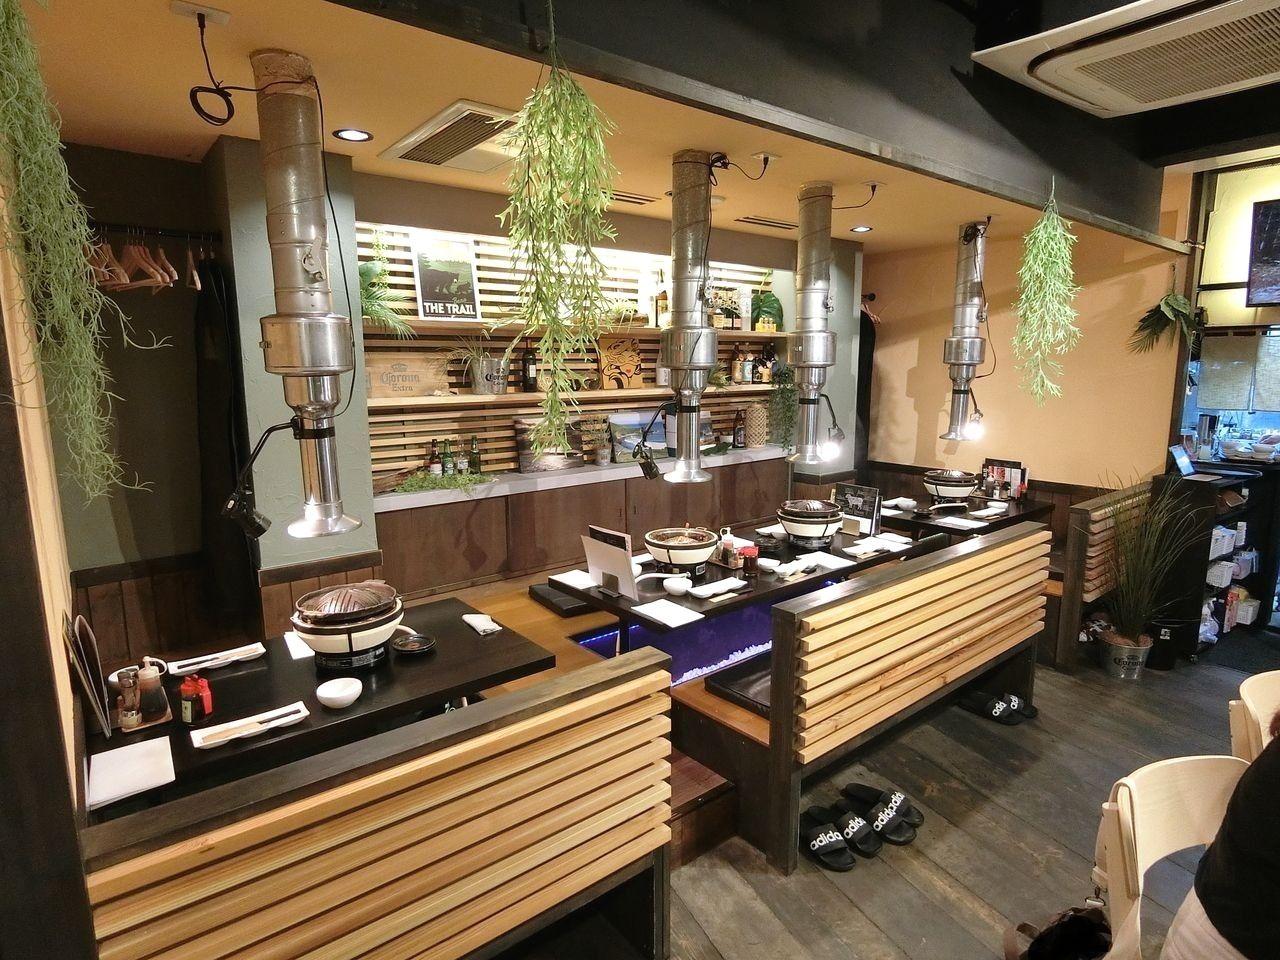 ジンギスカン酒場 Qlamb(くらむ)大山店